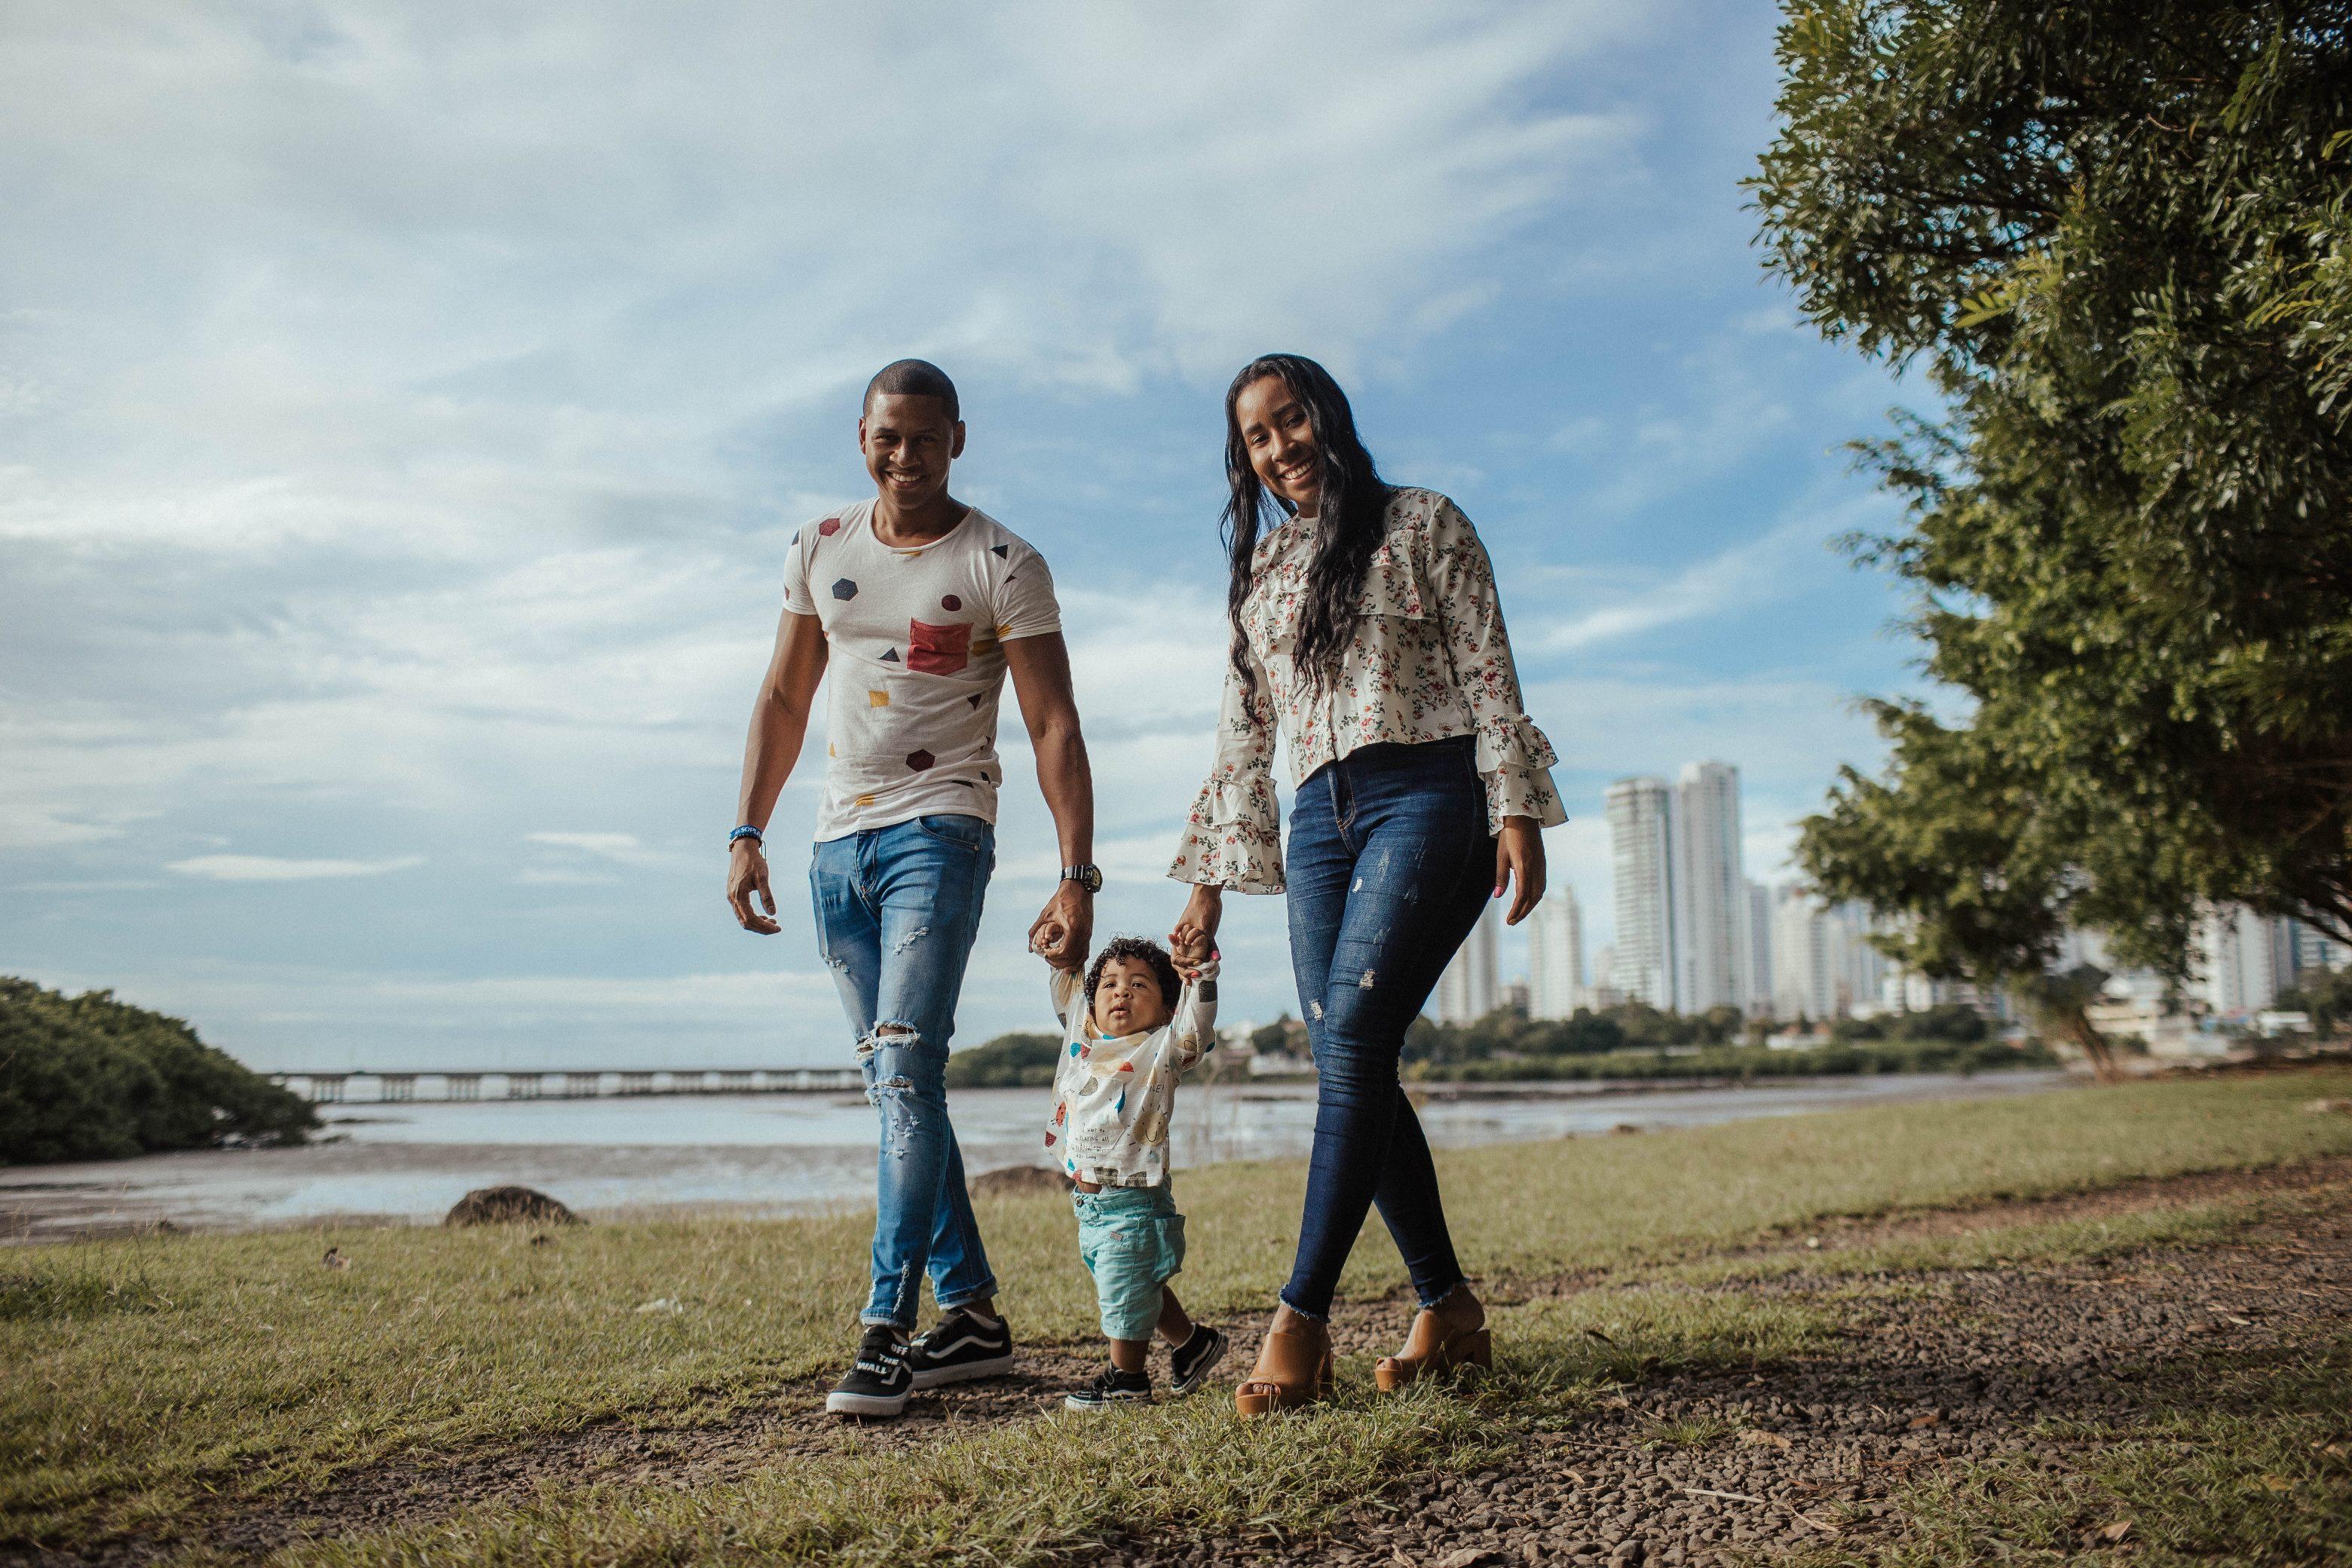 Comment réussir son achat immobilier en couple avec des enfants en bas âge ?